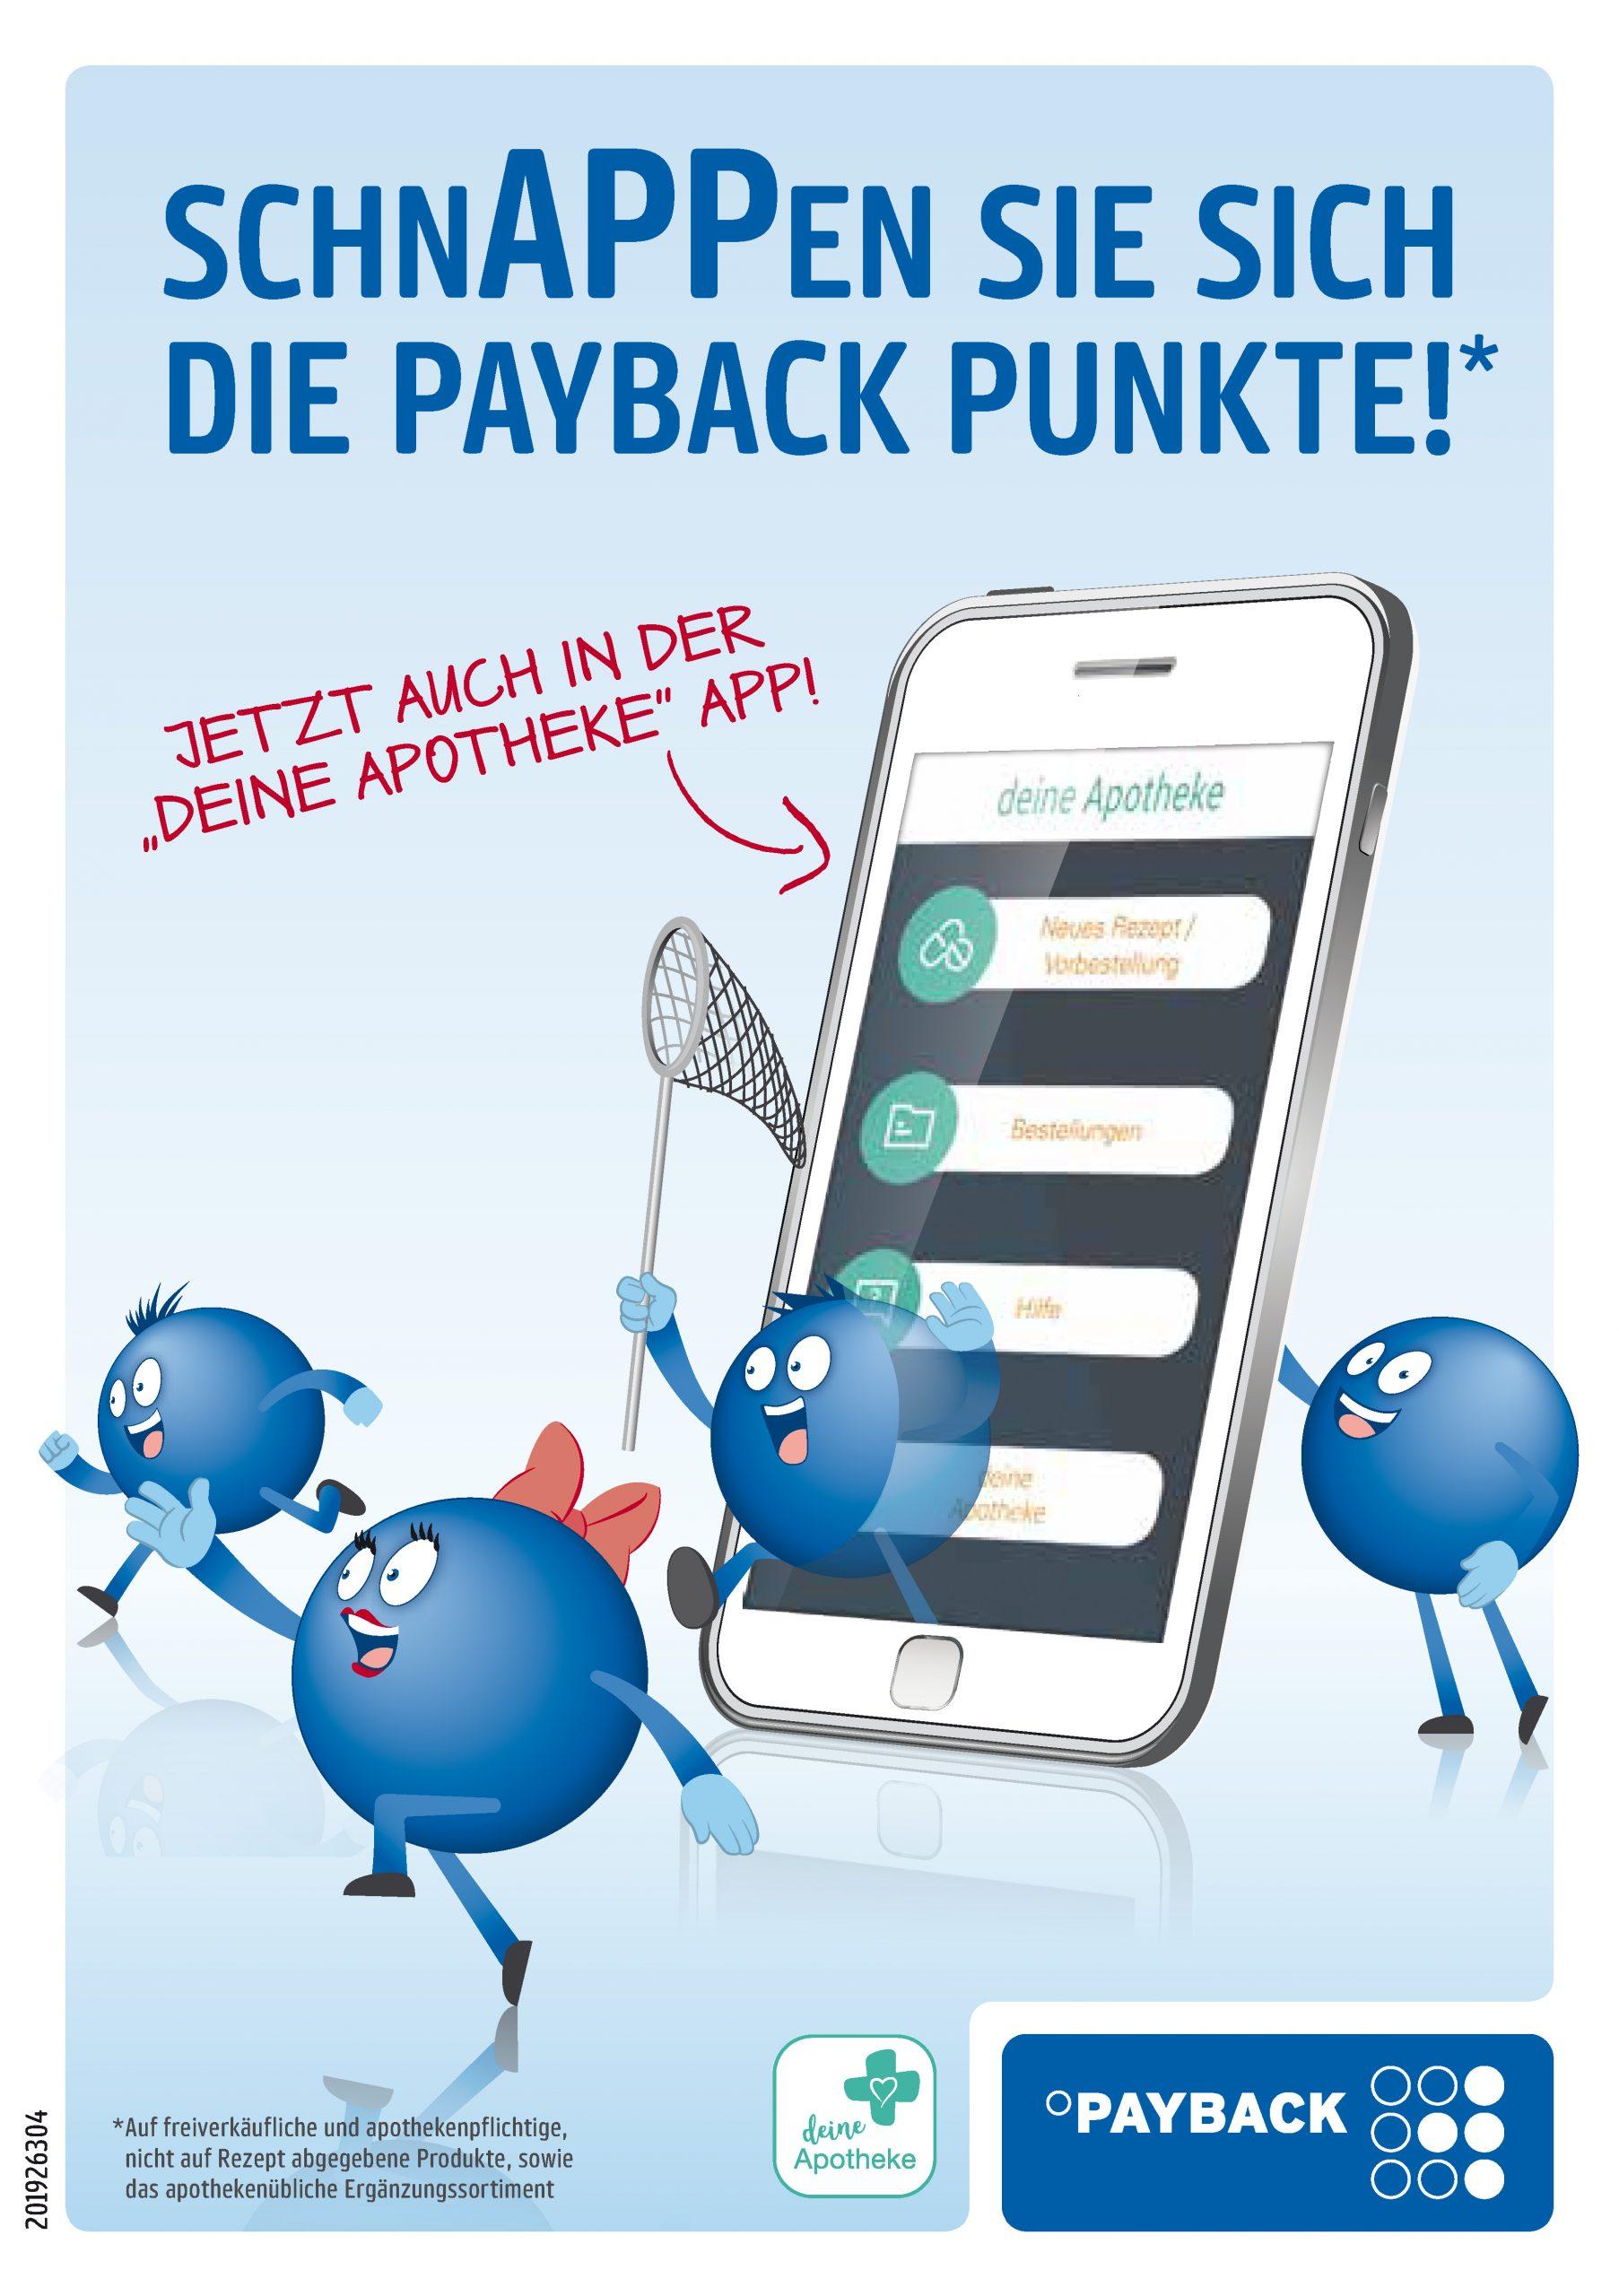 Payback Punkte sammeln